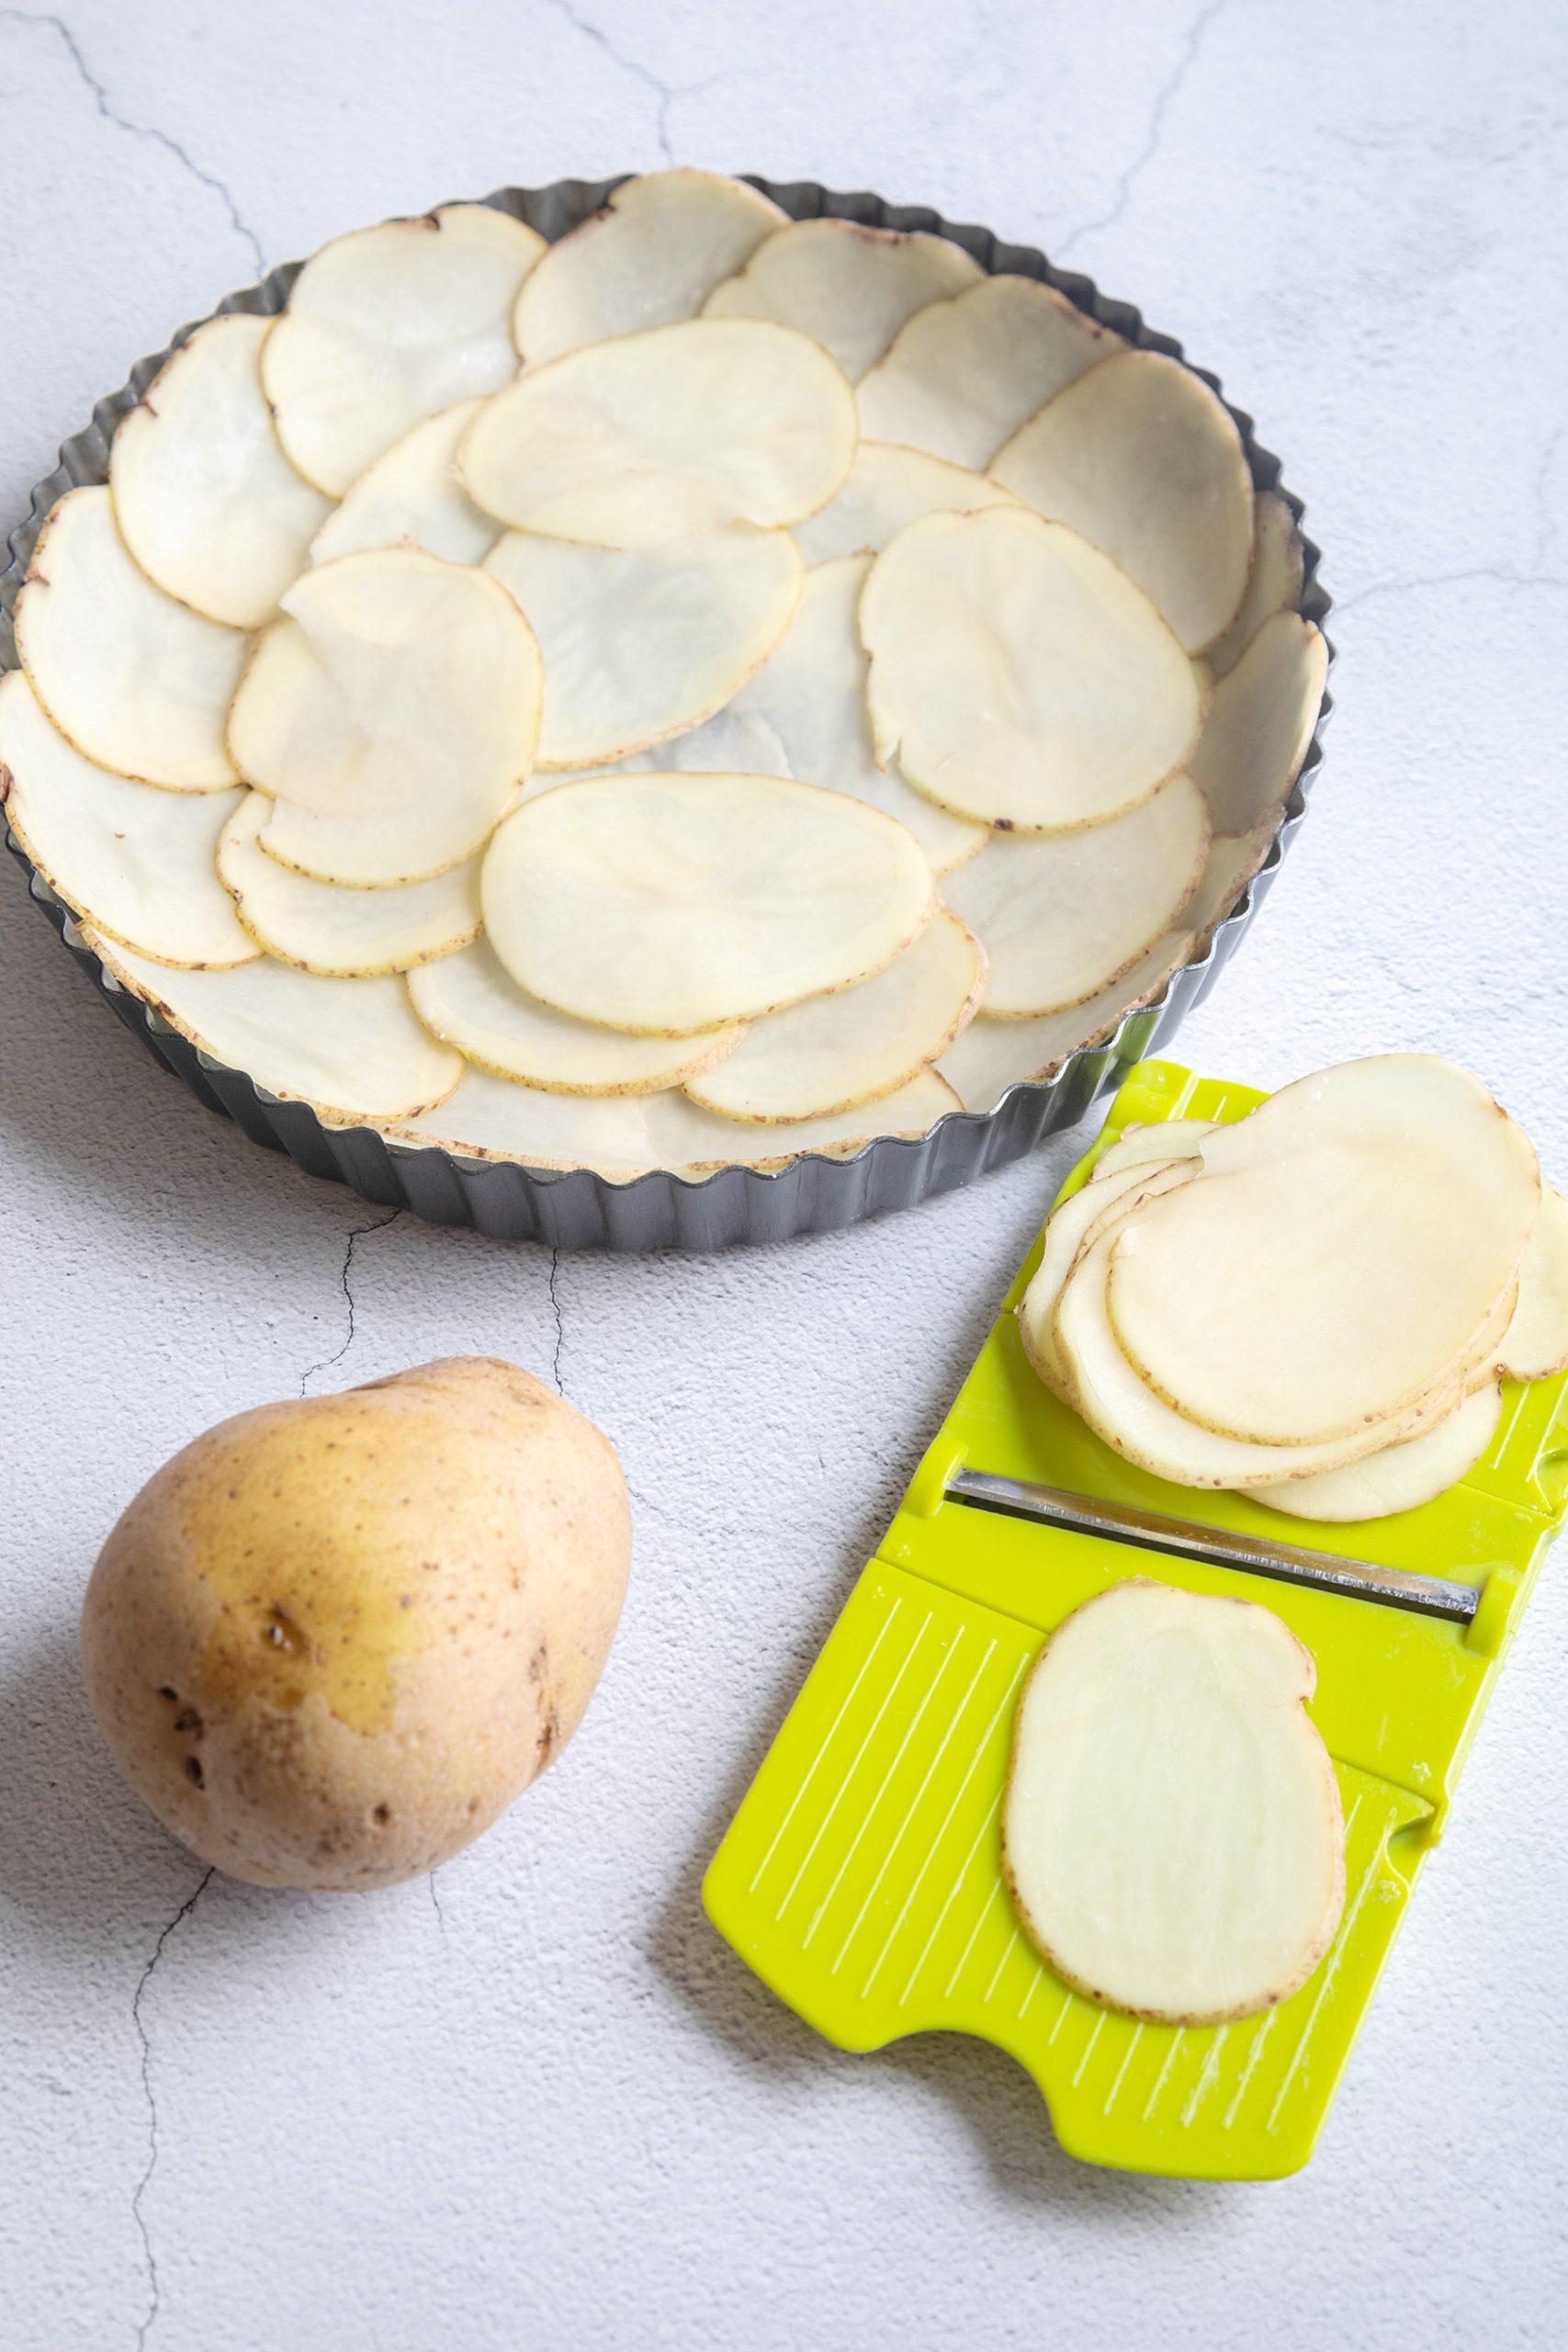 The potato crust - quiche